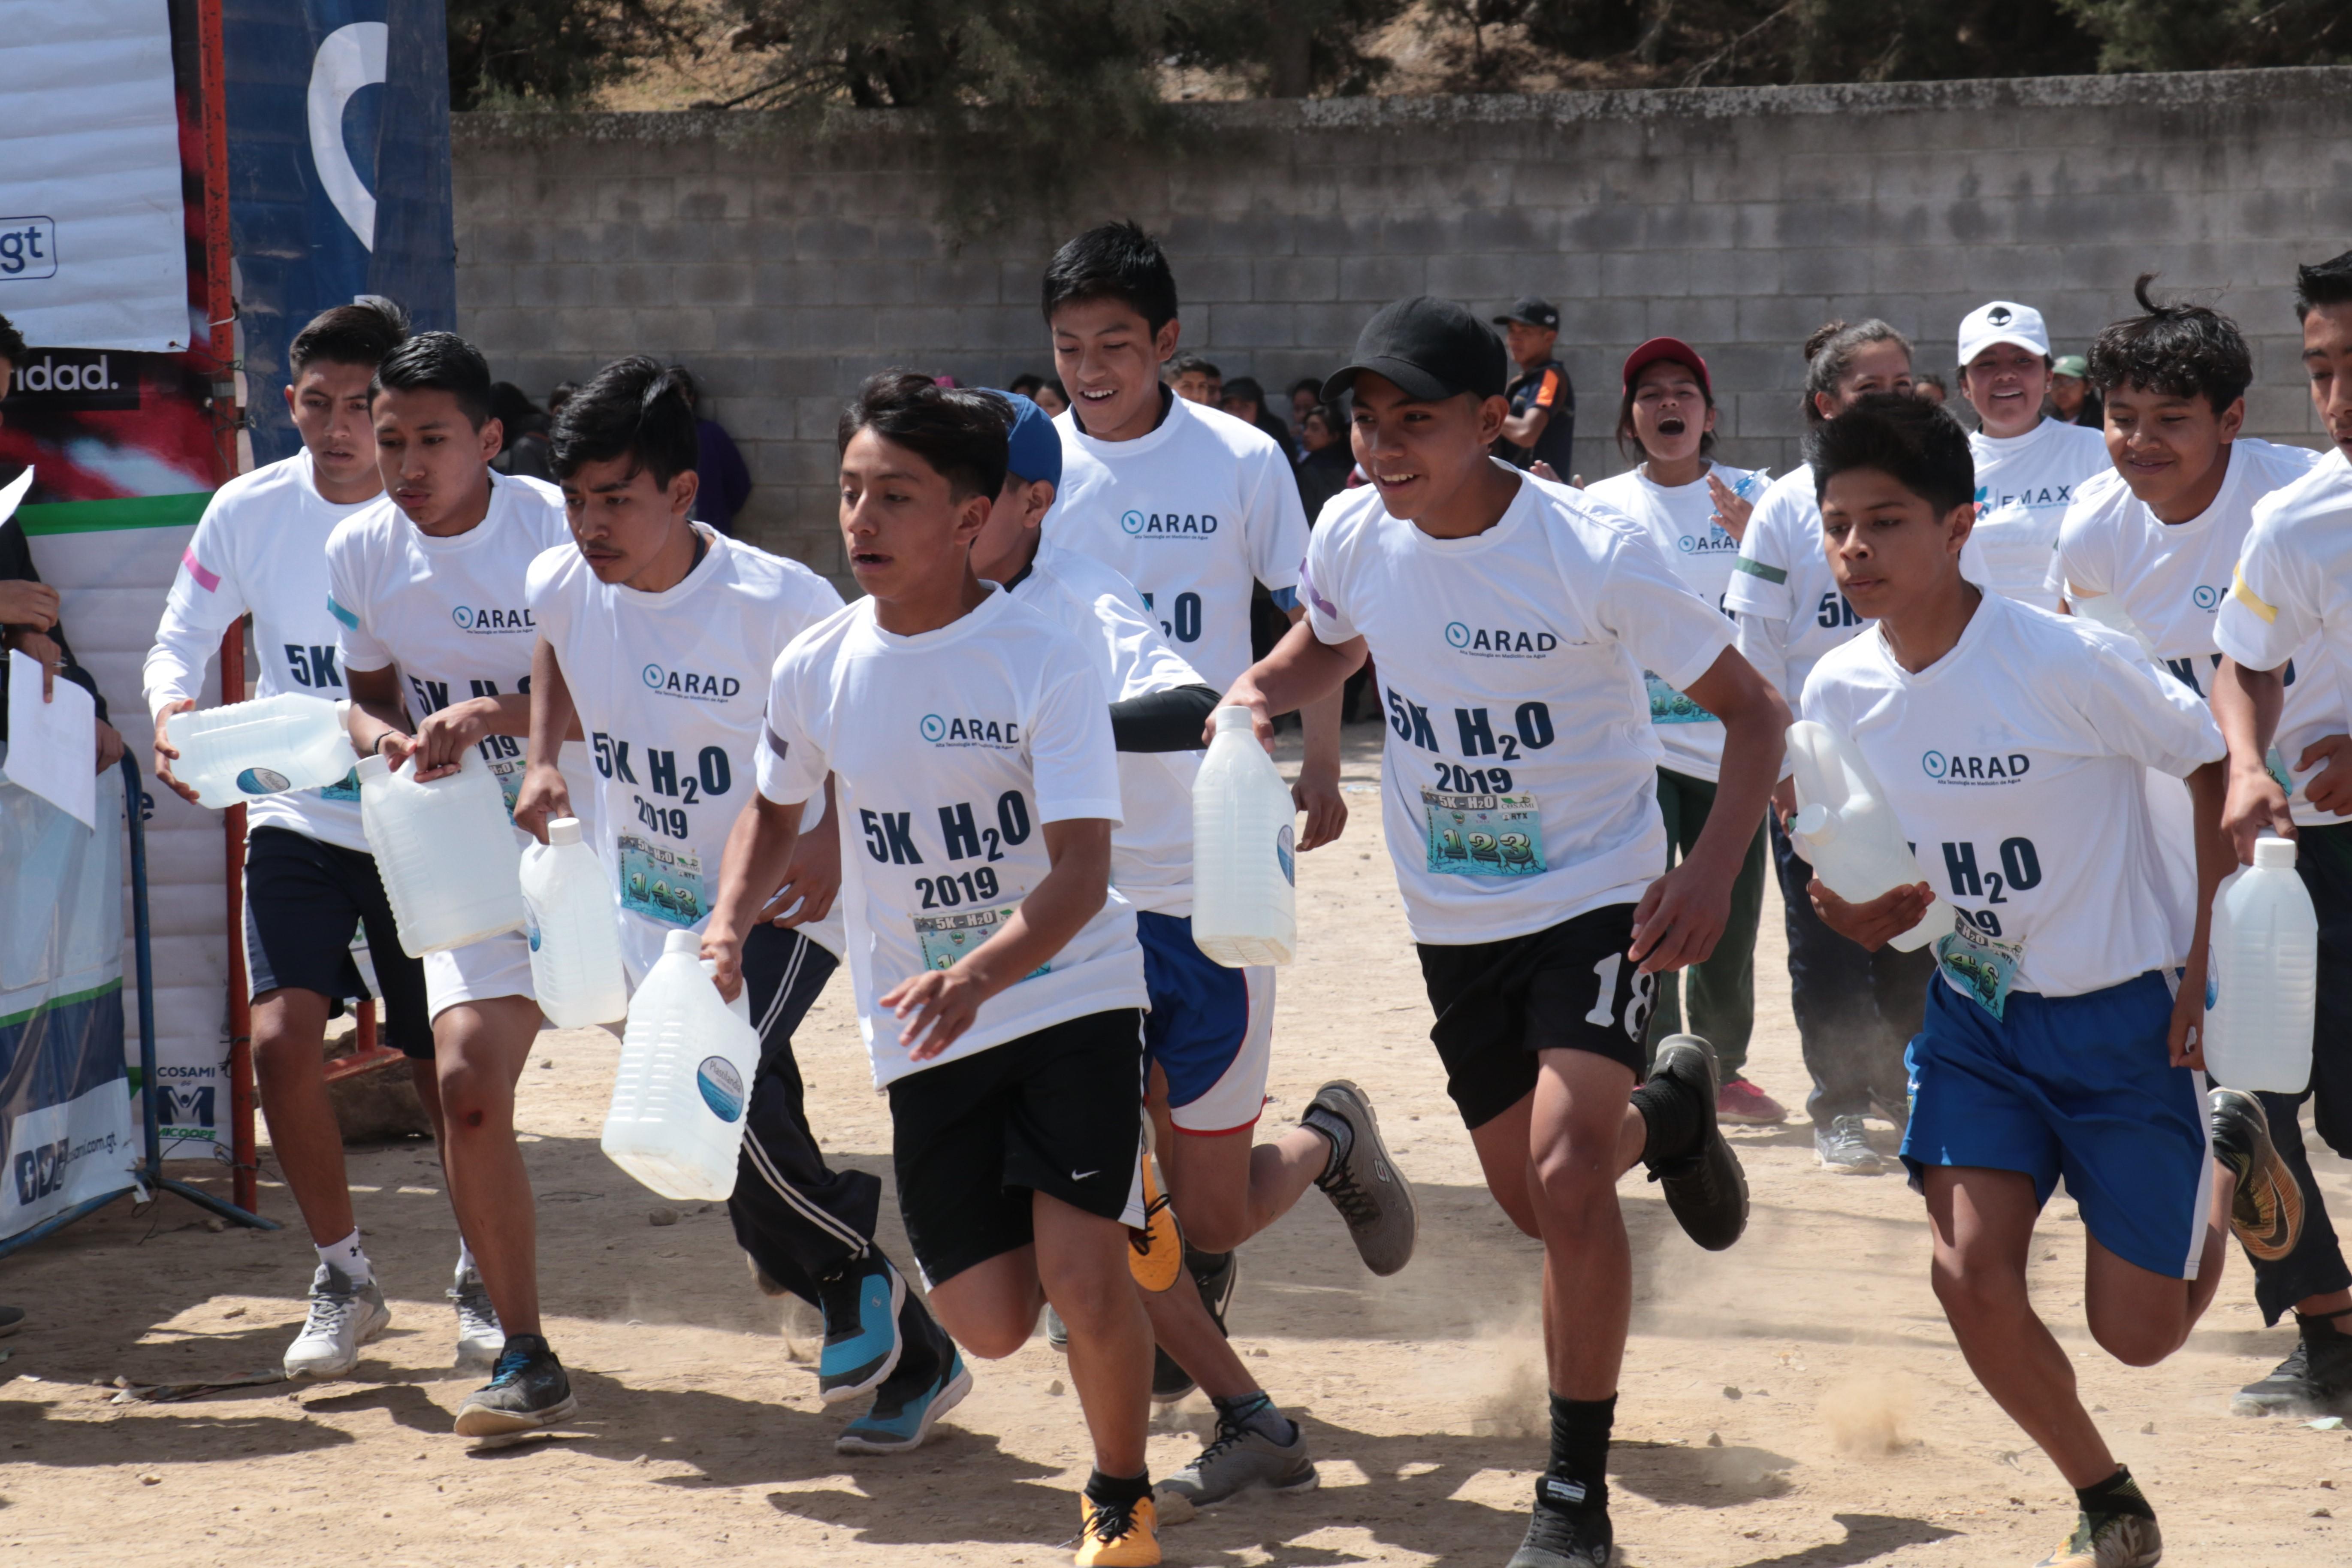 Los estudiantes de nivel medio participaron en la primera edición 5K H20 que se celebró en Xela. (Foto Prensa Libre: Raúl Juárez)